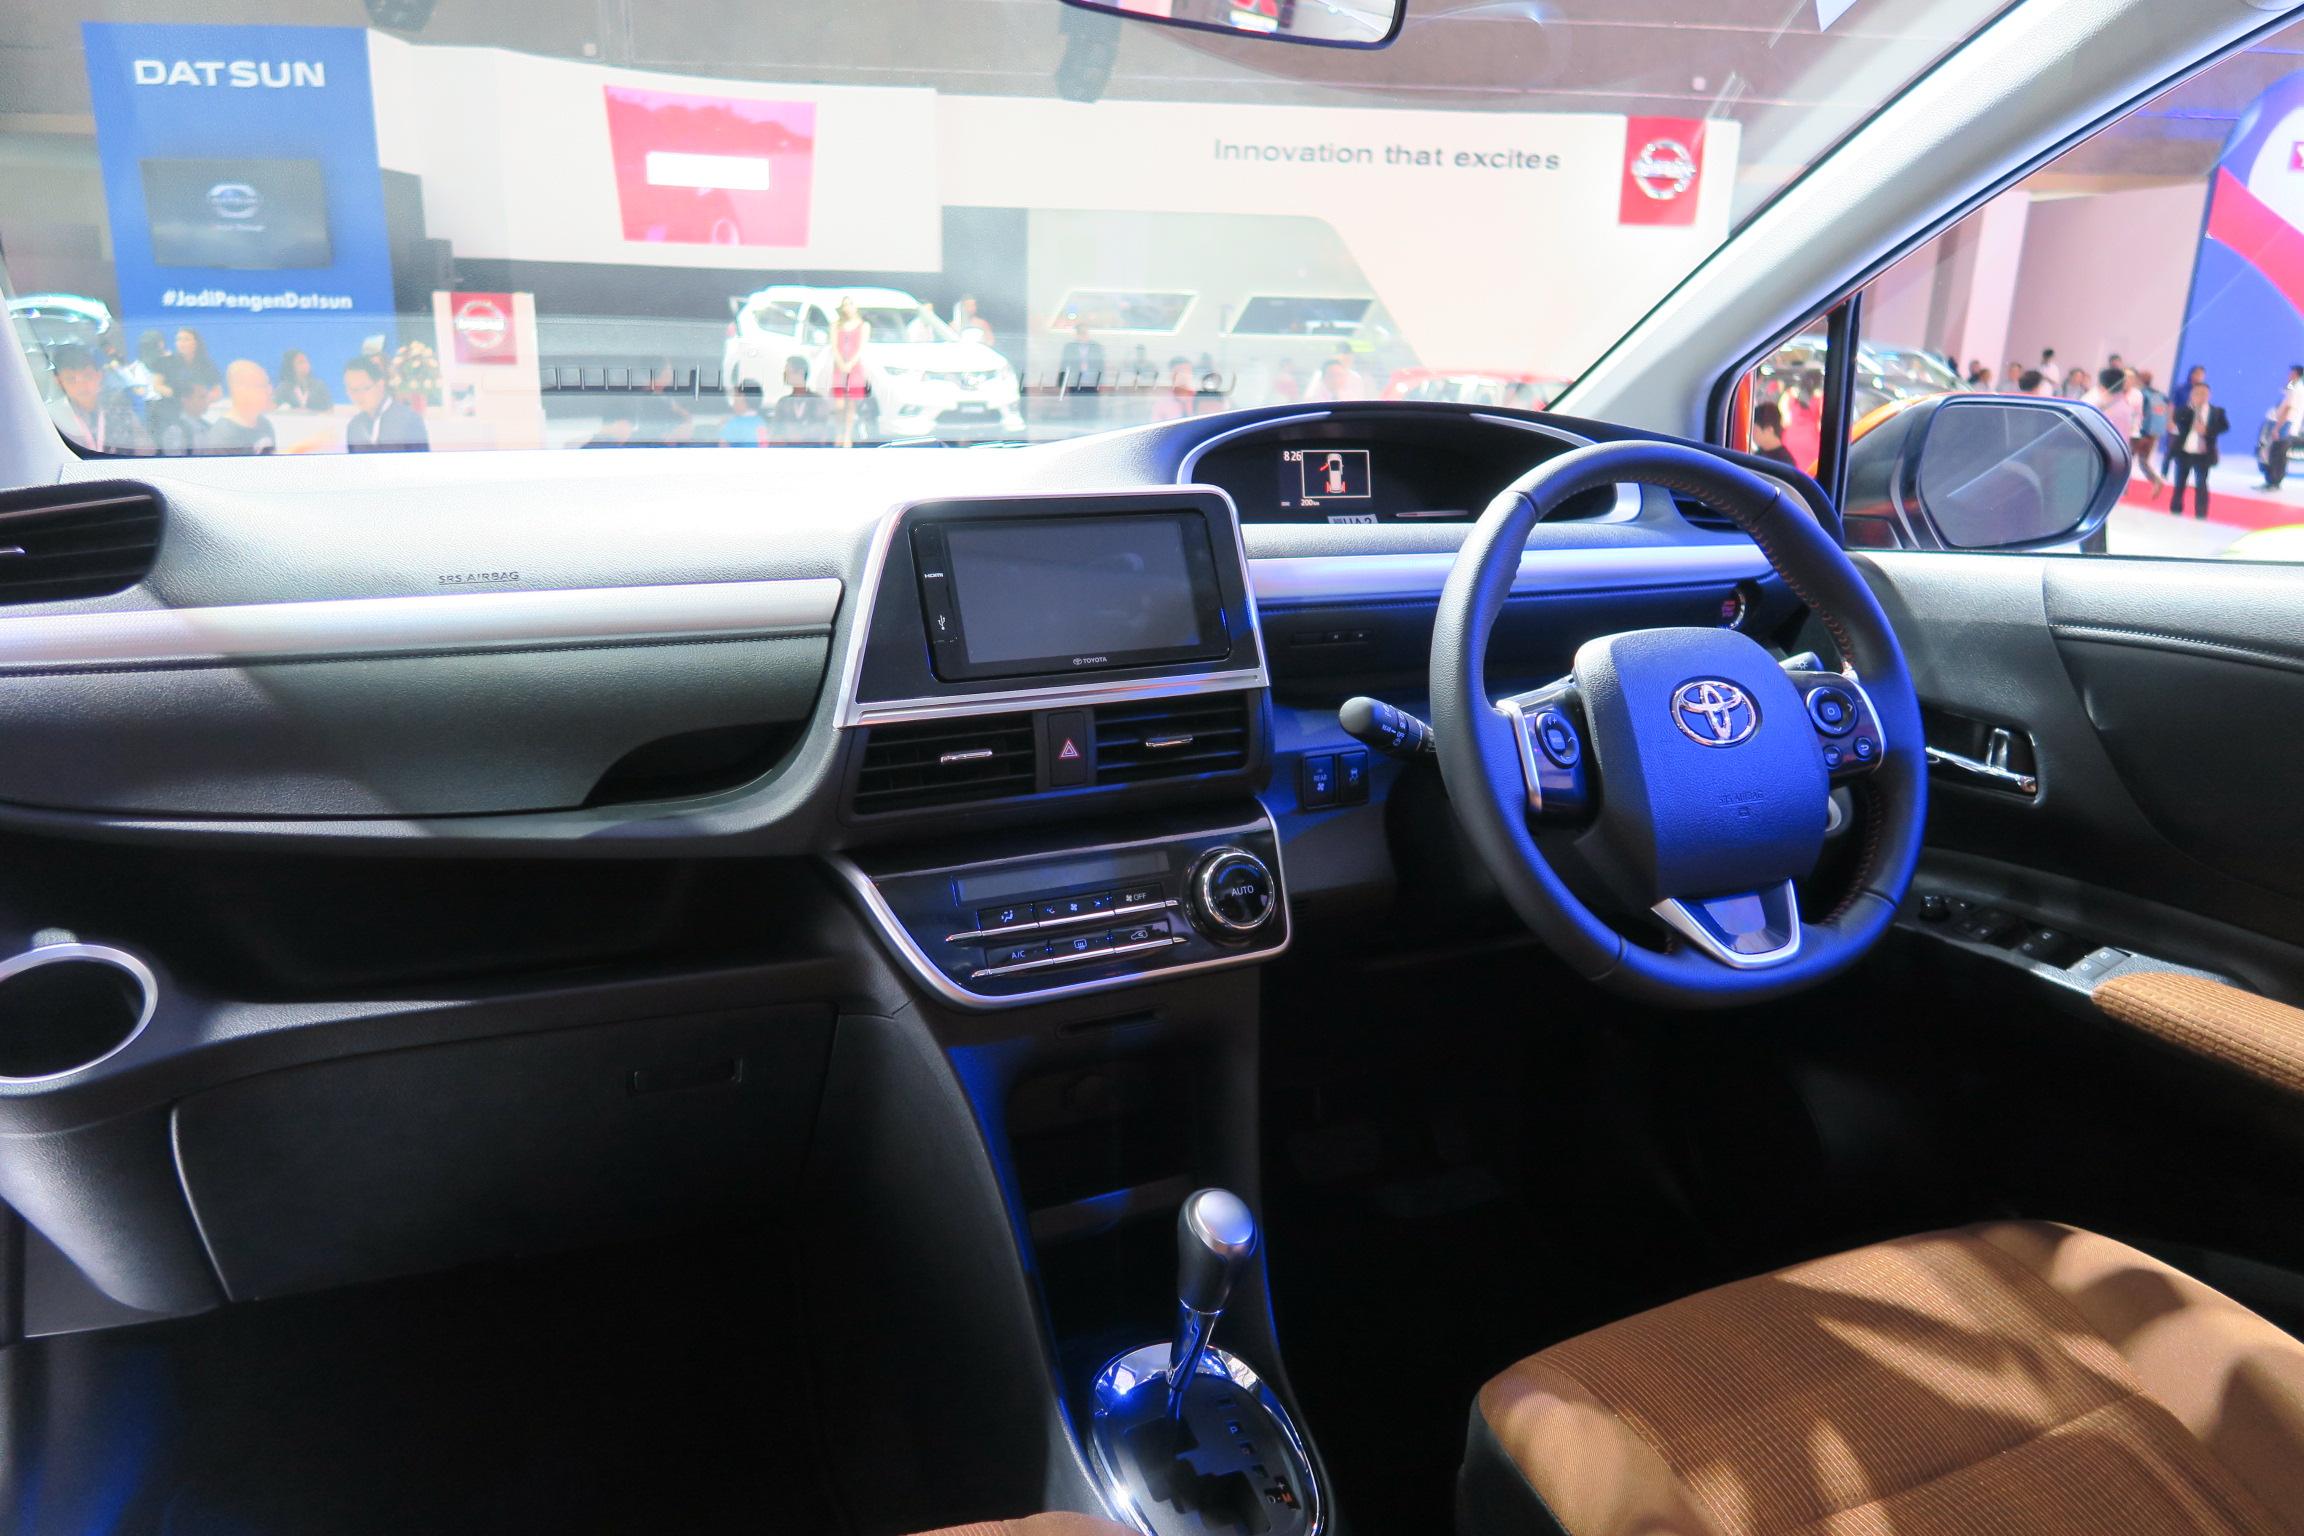 Harga Toyota Sienta Indonesia 230 Hingga 295 Juta Rupiah